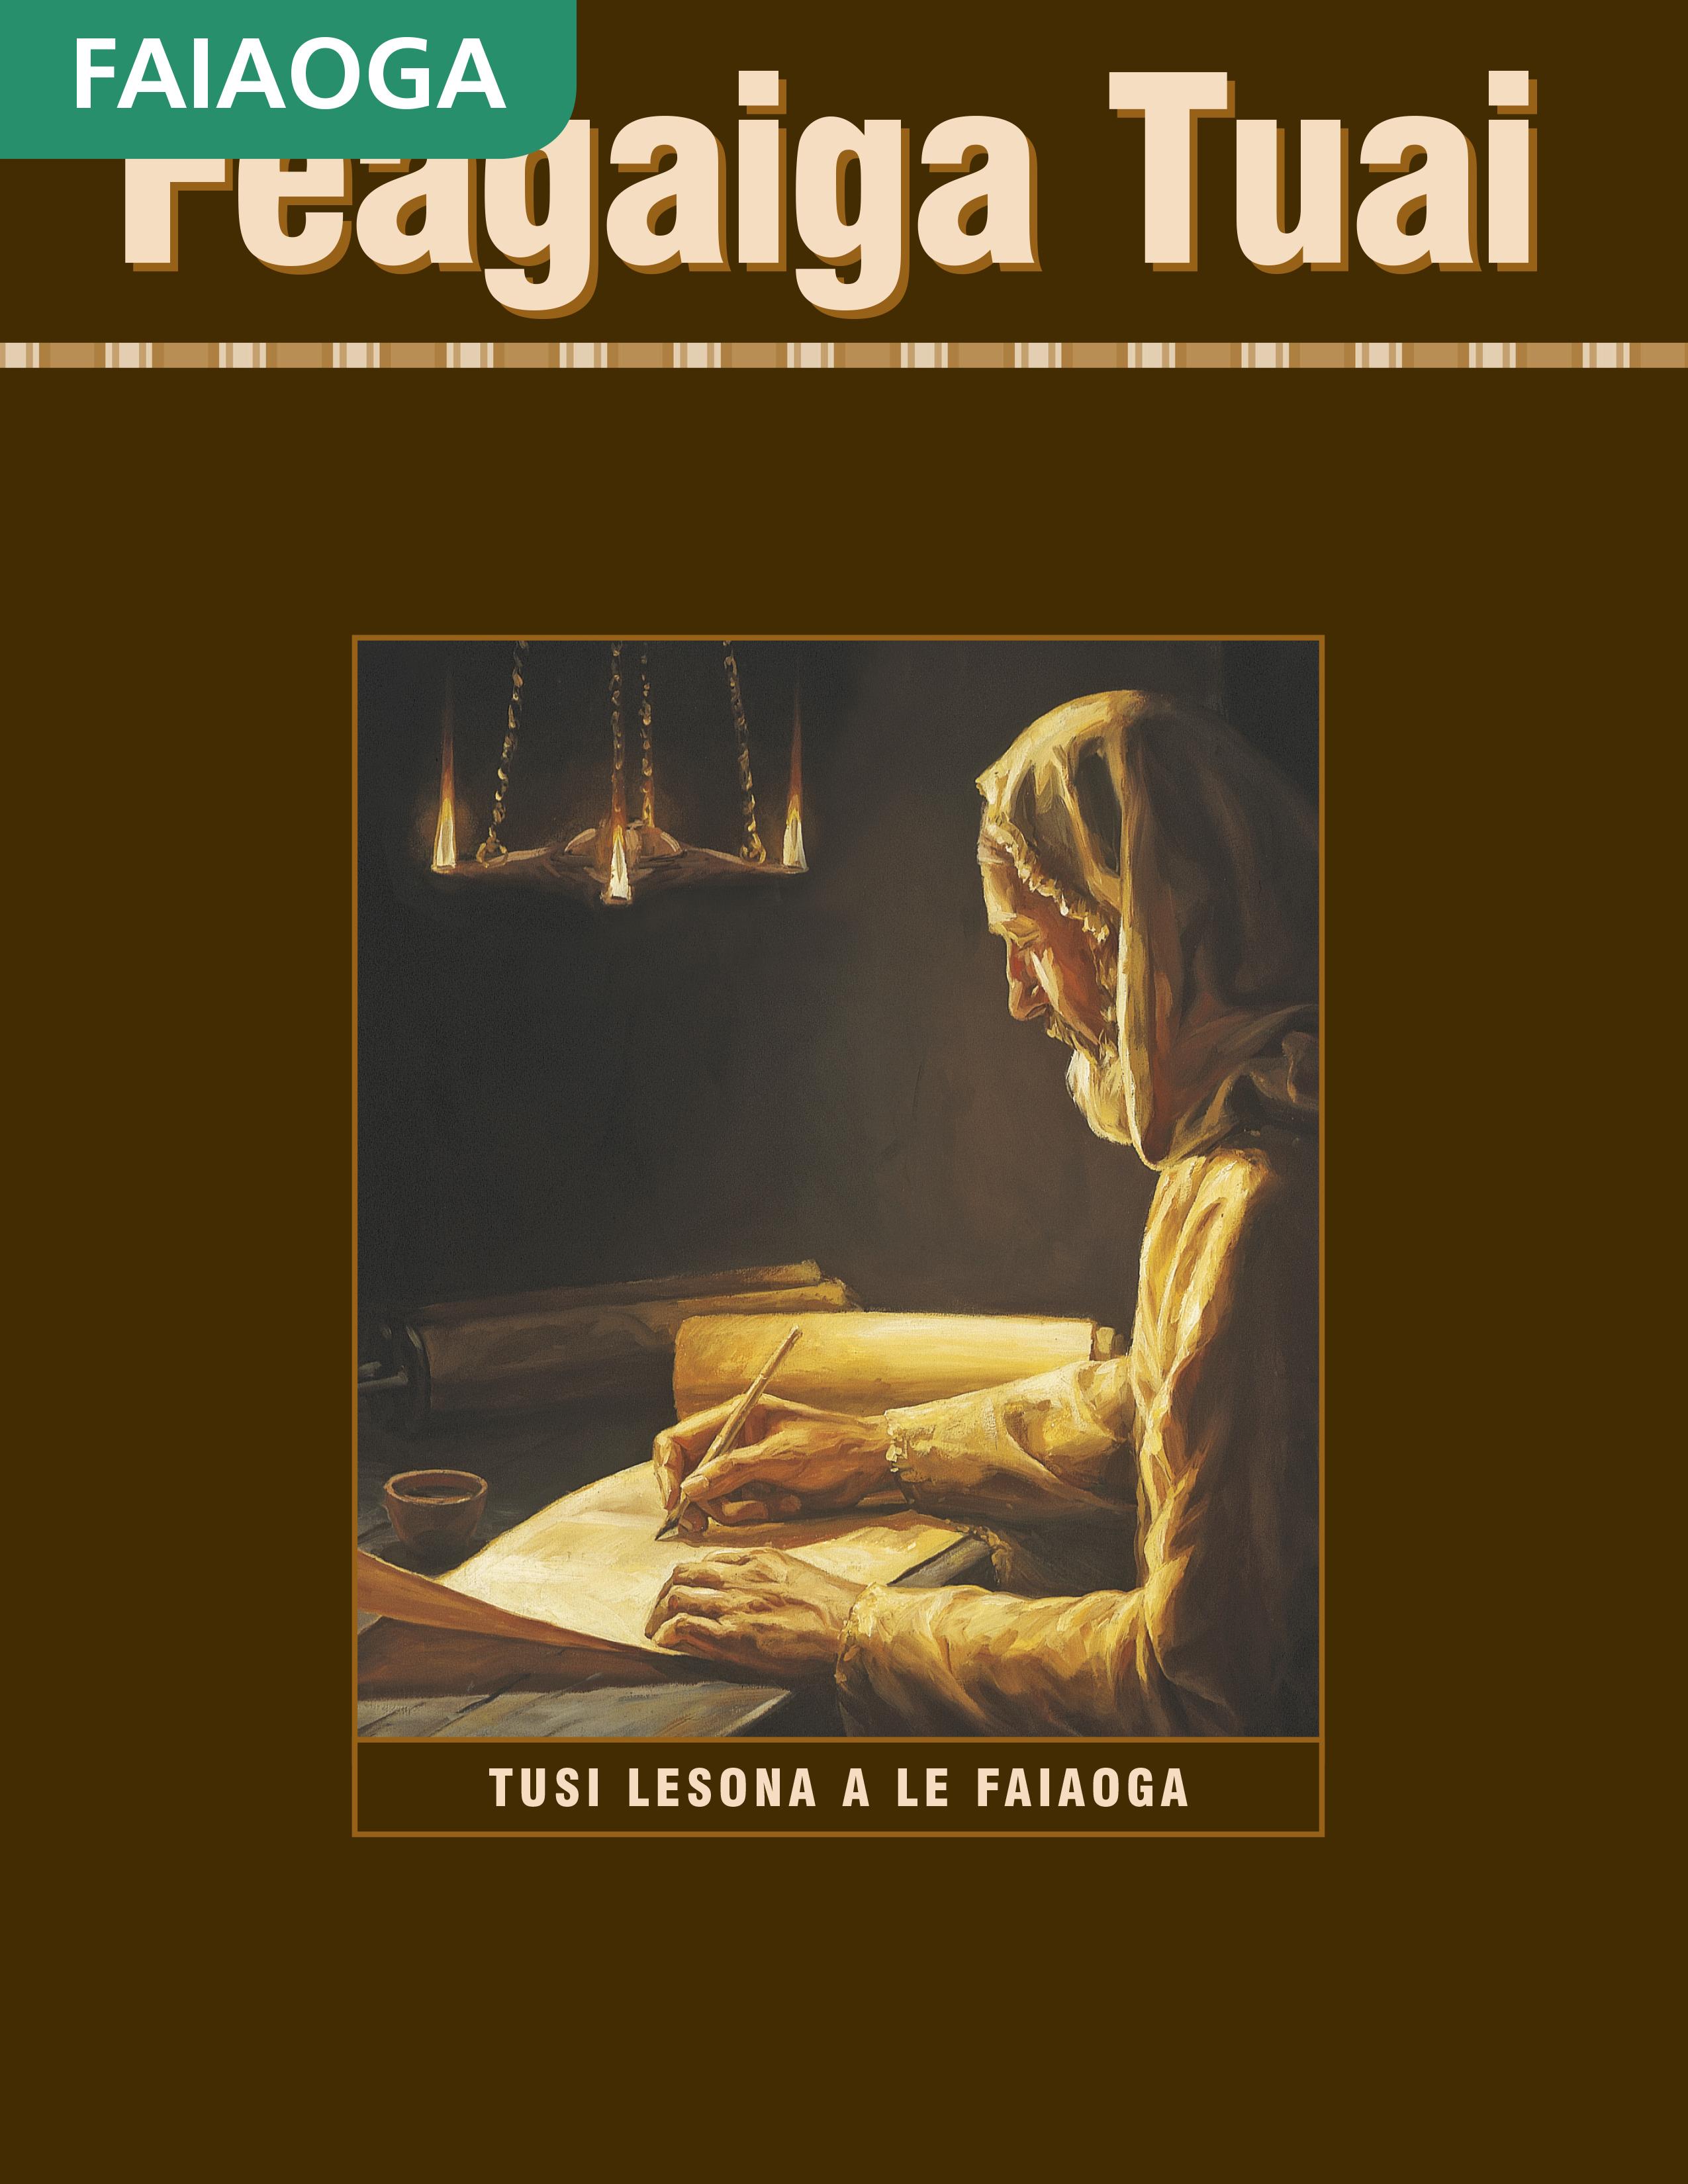 Tusi Lesona a le Faiaoga o le Feagaiga Tuai